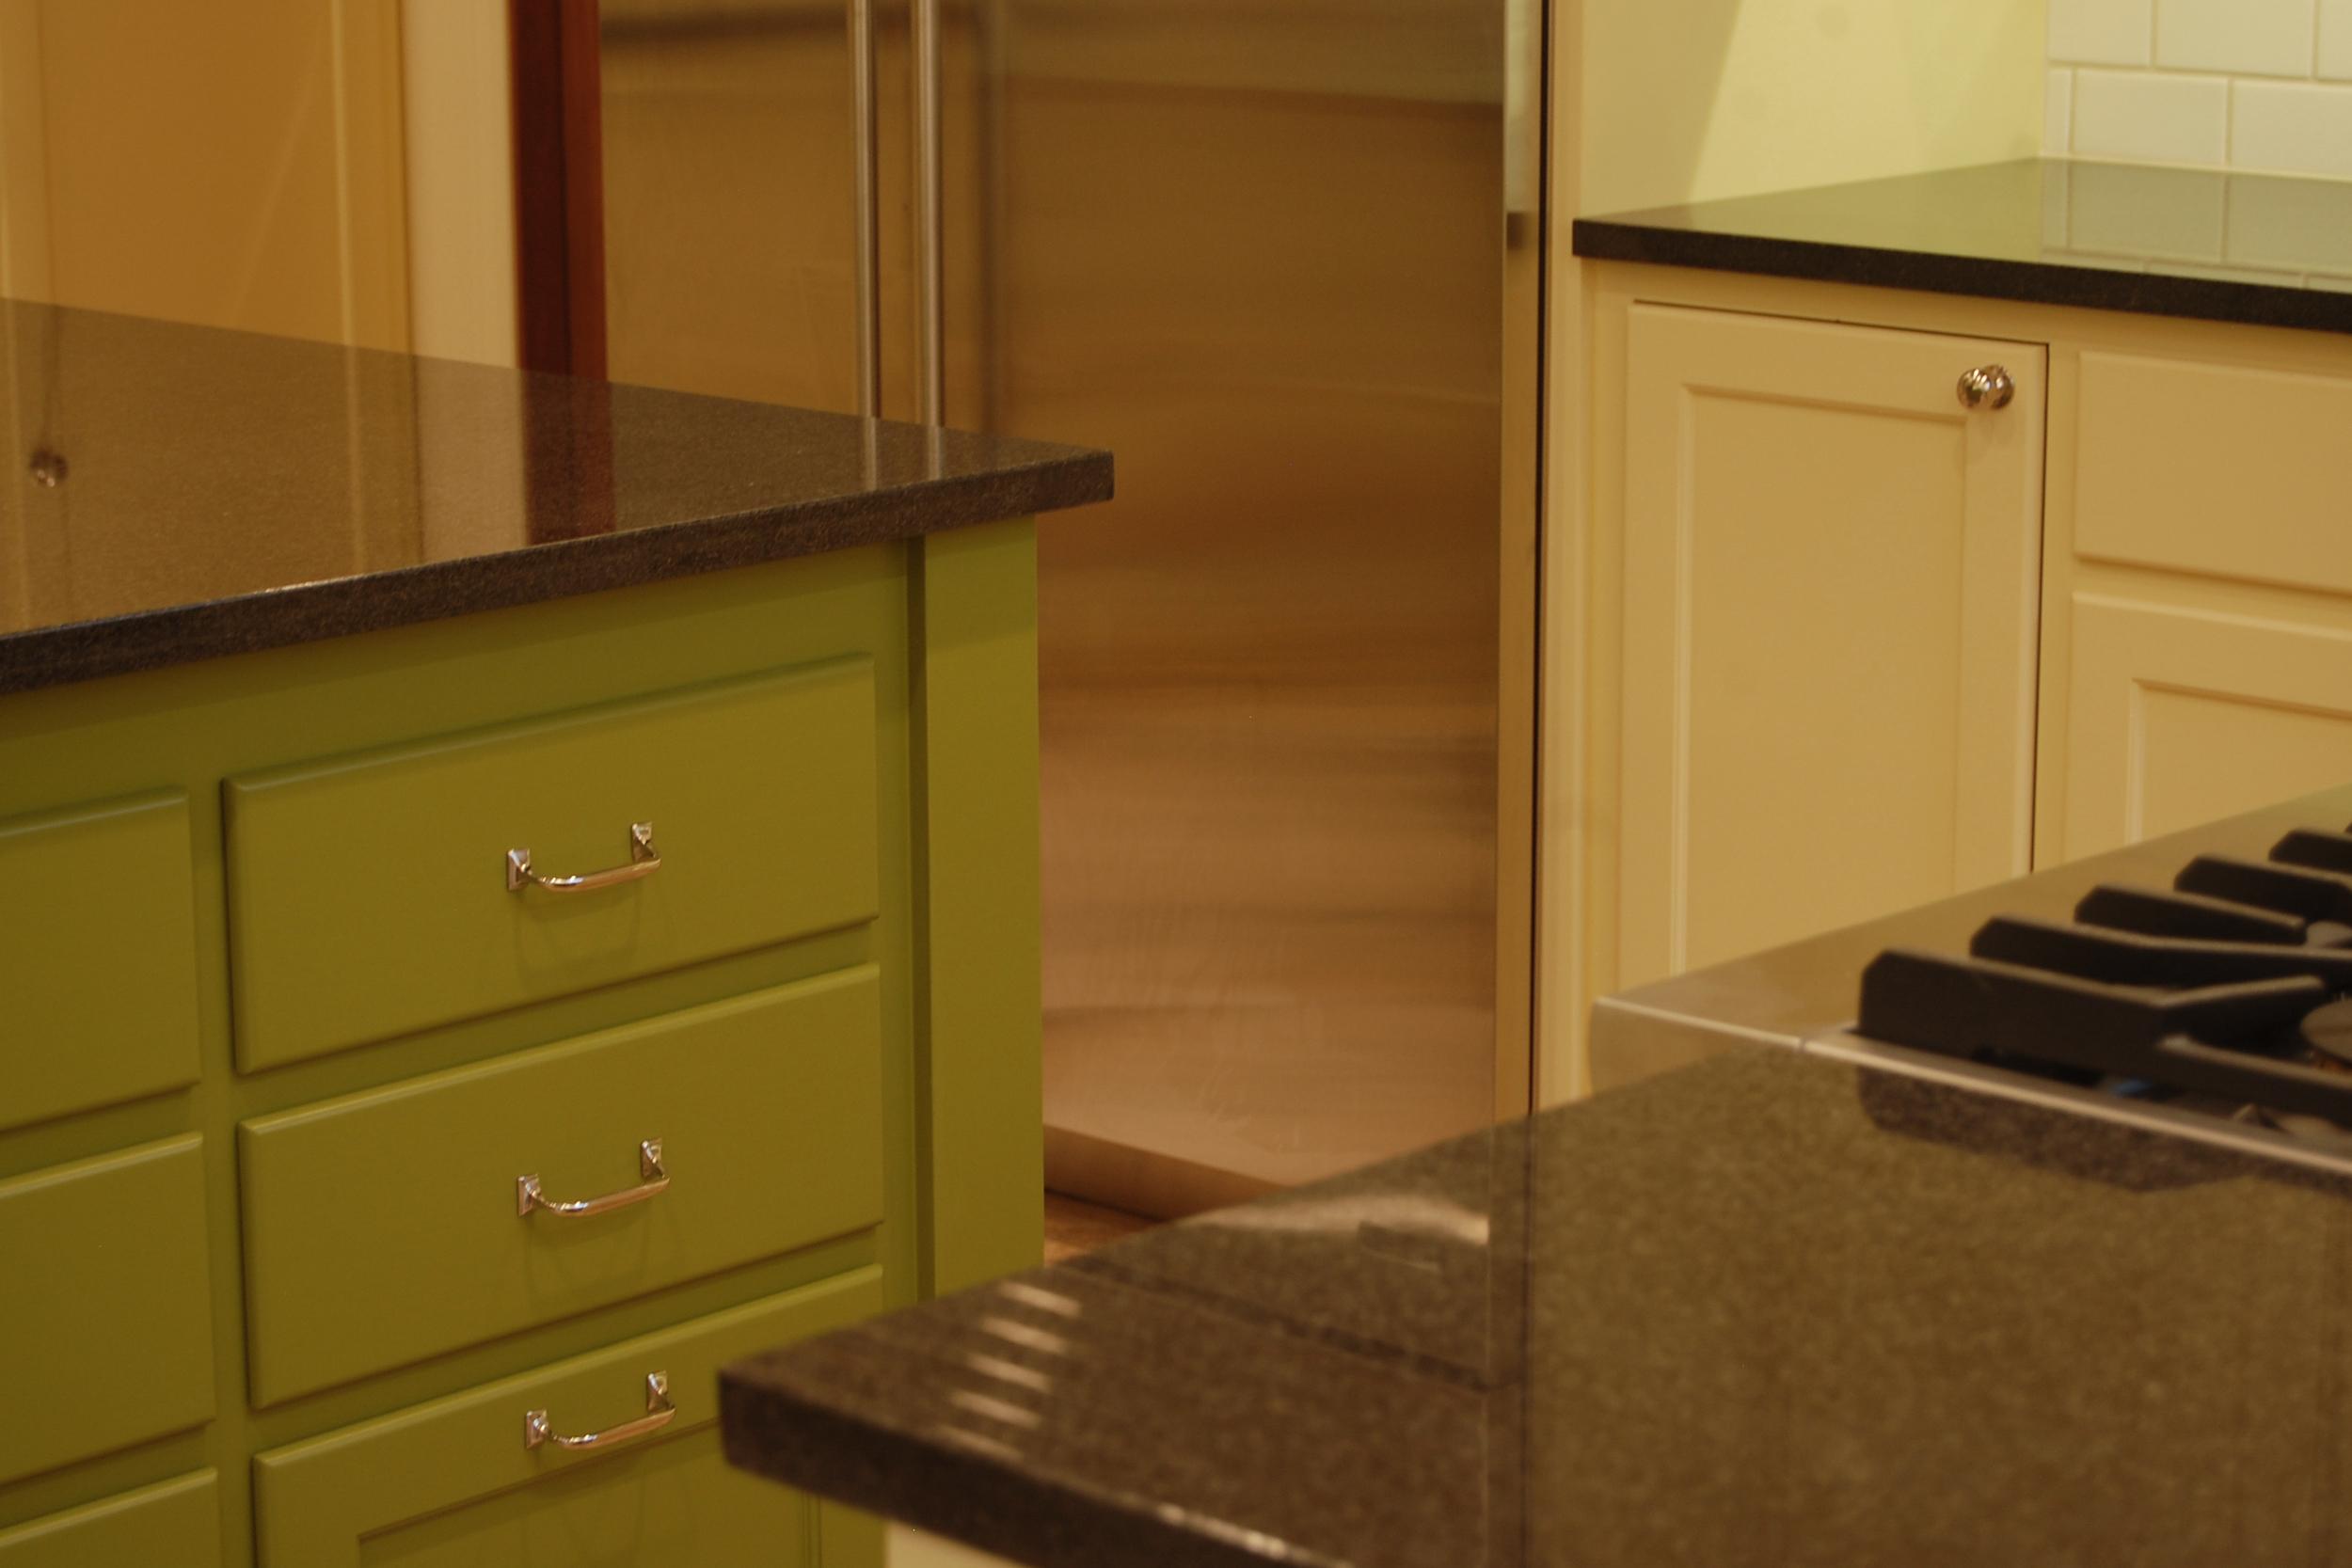 vista_kitchen_07.JPG